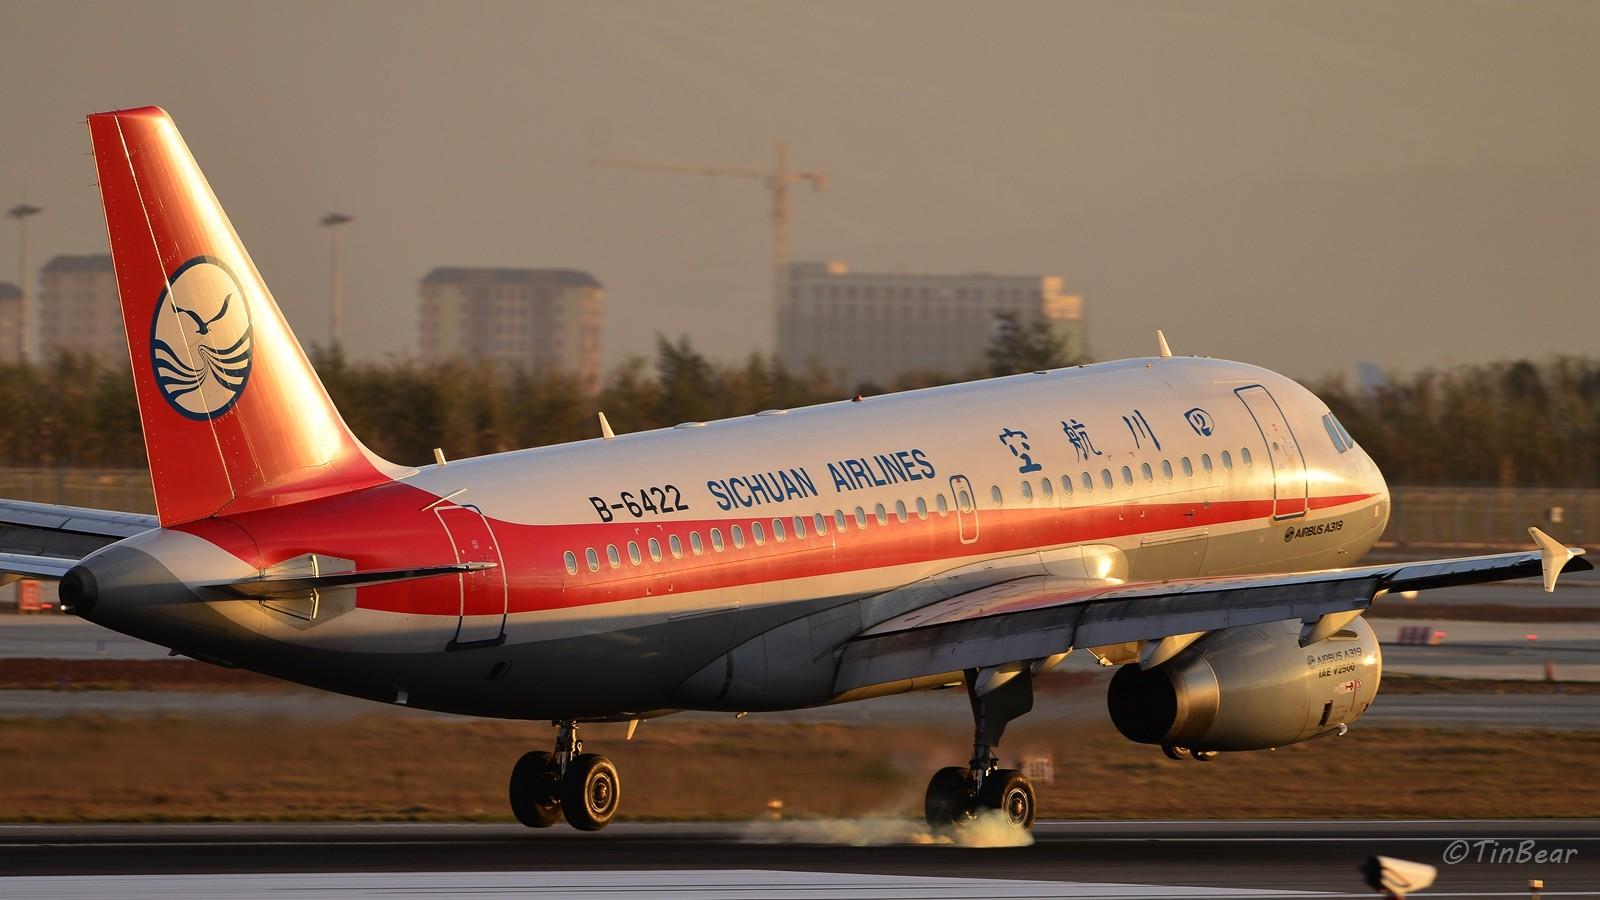 Re:[原创]【KMG】这烟,吸多了对肺不好,擦多了对轮胎不好 AIRBUS A319-100 B-6422 中国昆明长水国际机场